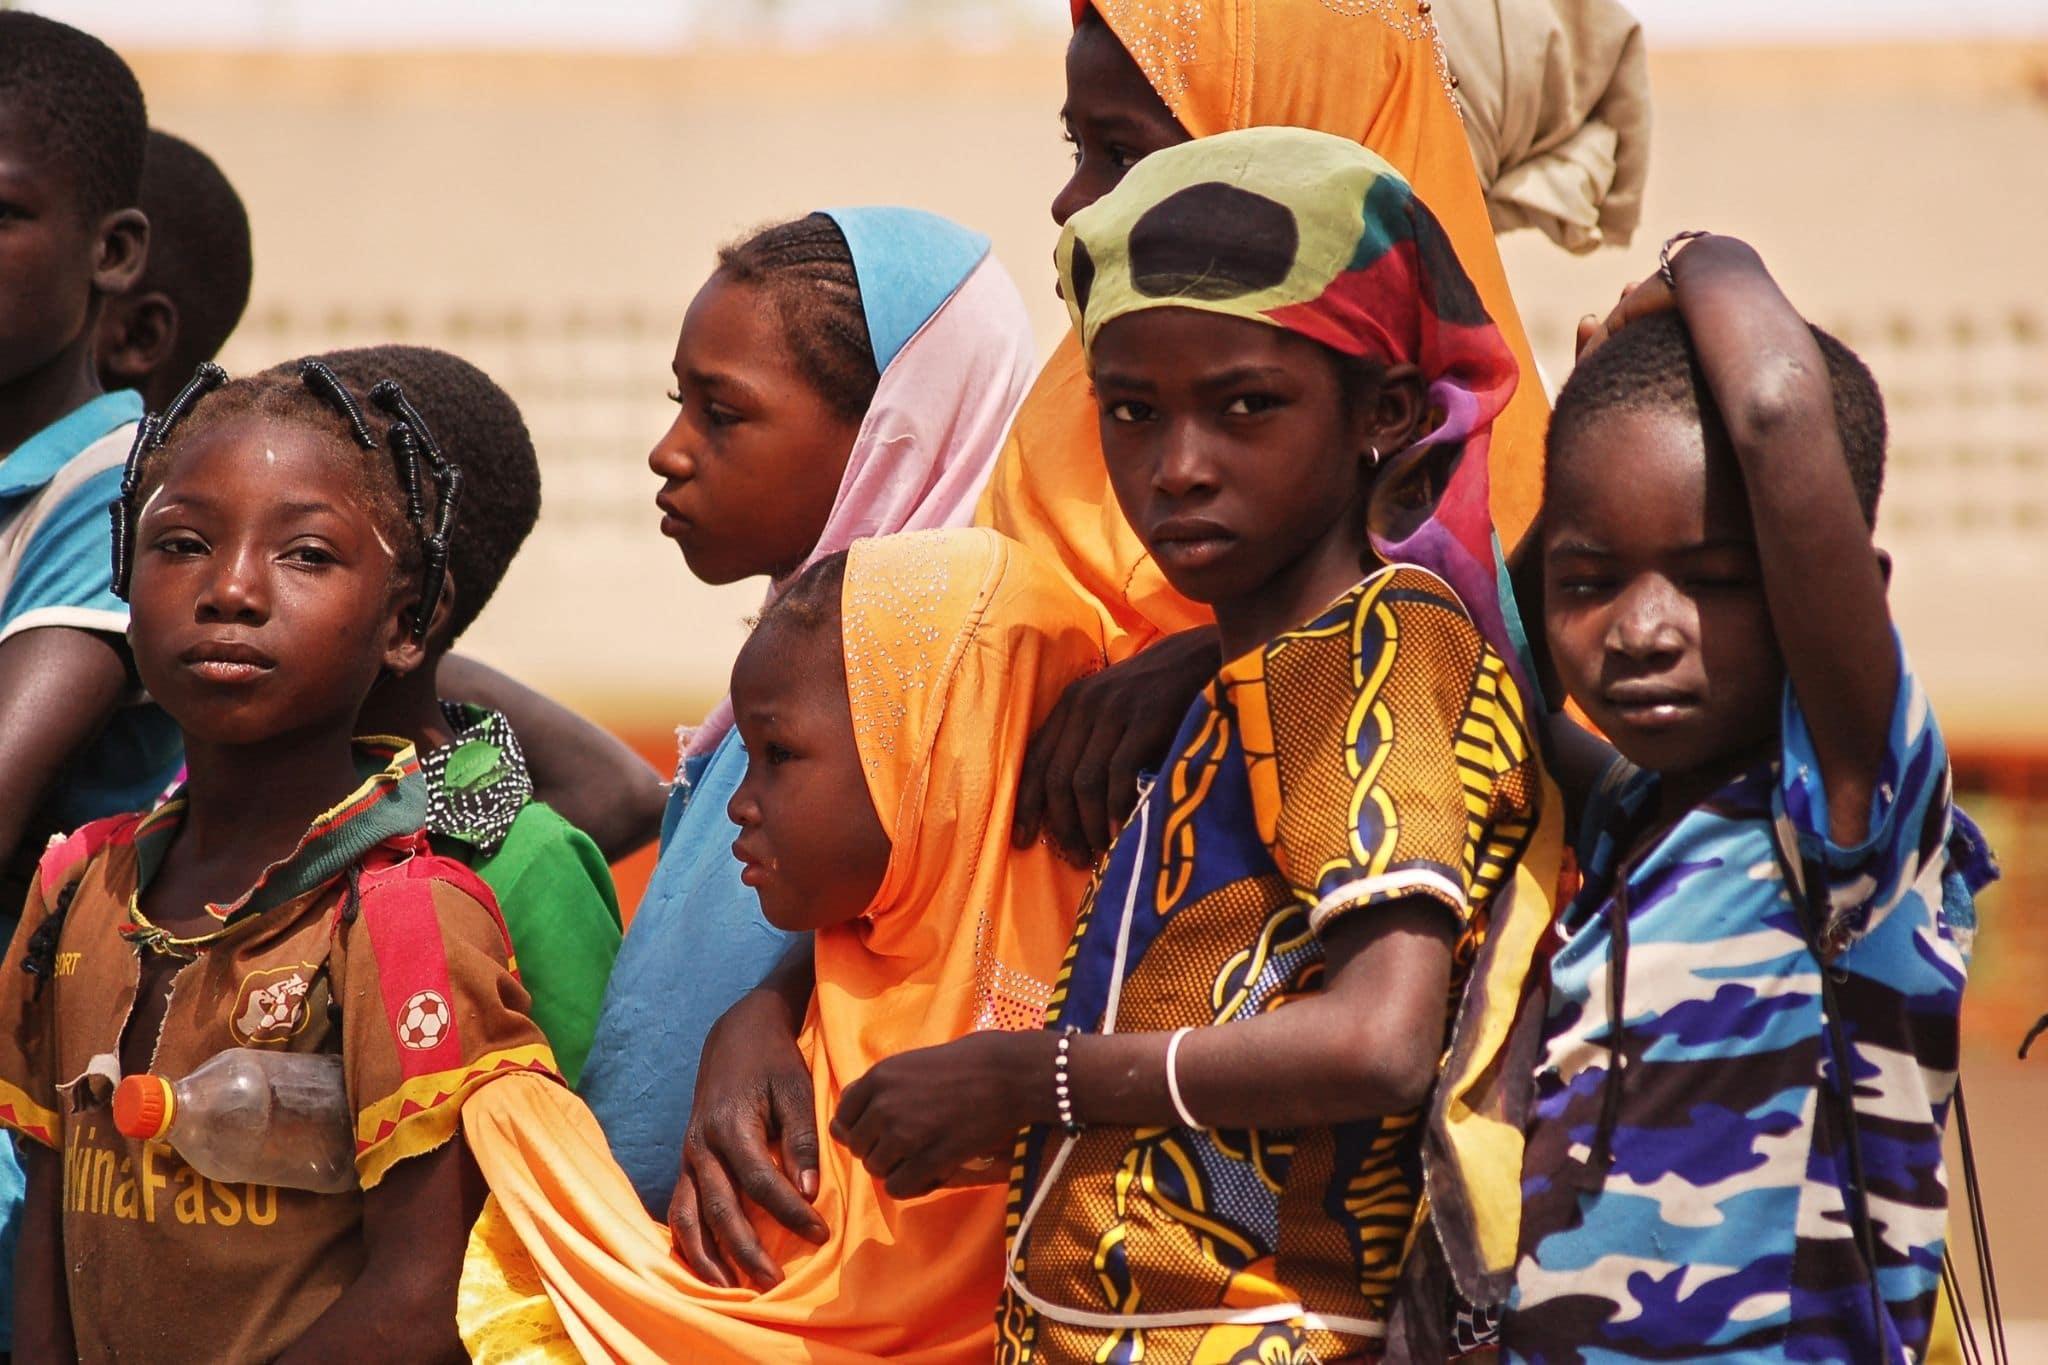 Des enfants du village de Biyéné soutenus par Planète Enfants & Développement au Burkina Faso